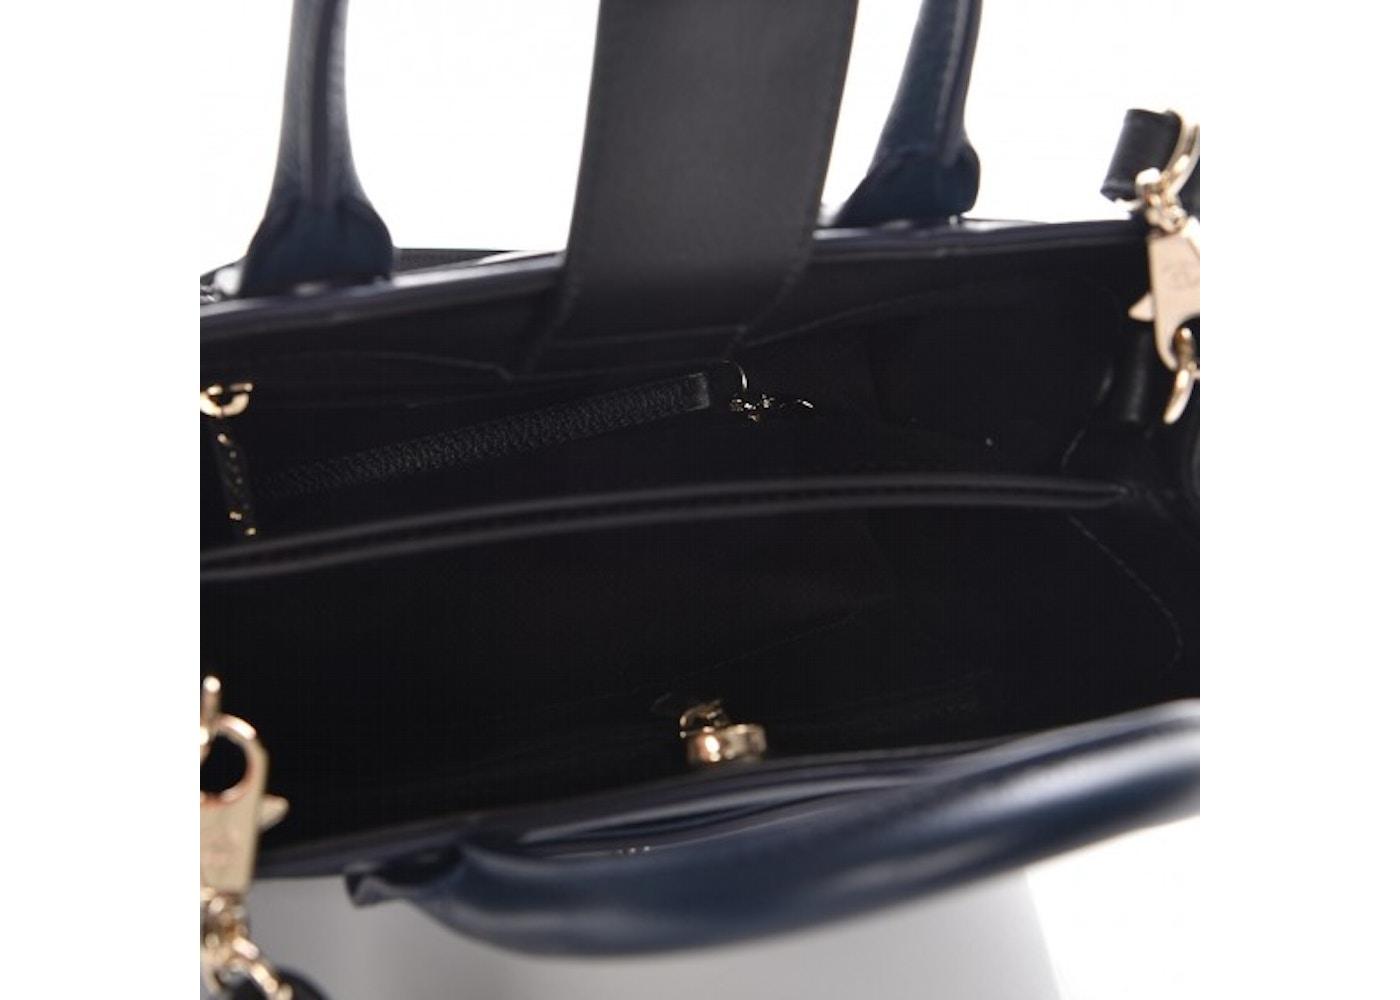 78a54a93bc0e Chanel Neo Executive Shopper Tote Grained Mini Navy Blue/Black